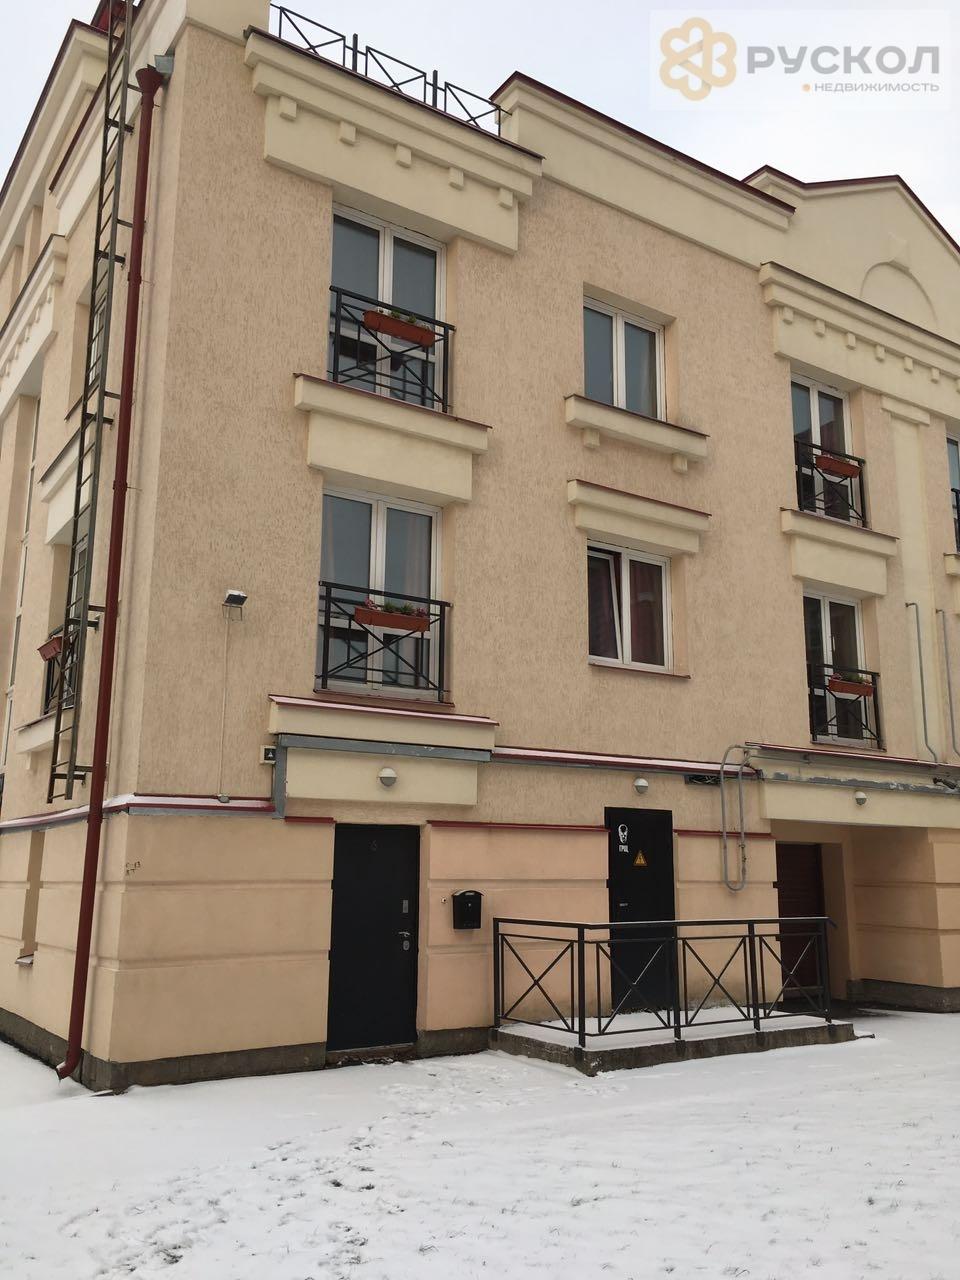 http://ruscol.pro.bkn.ru/images/s_big/b2691c0d-41f0-11e7-b2d5-448a5bd44c07.jpg